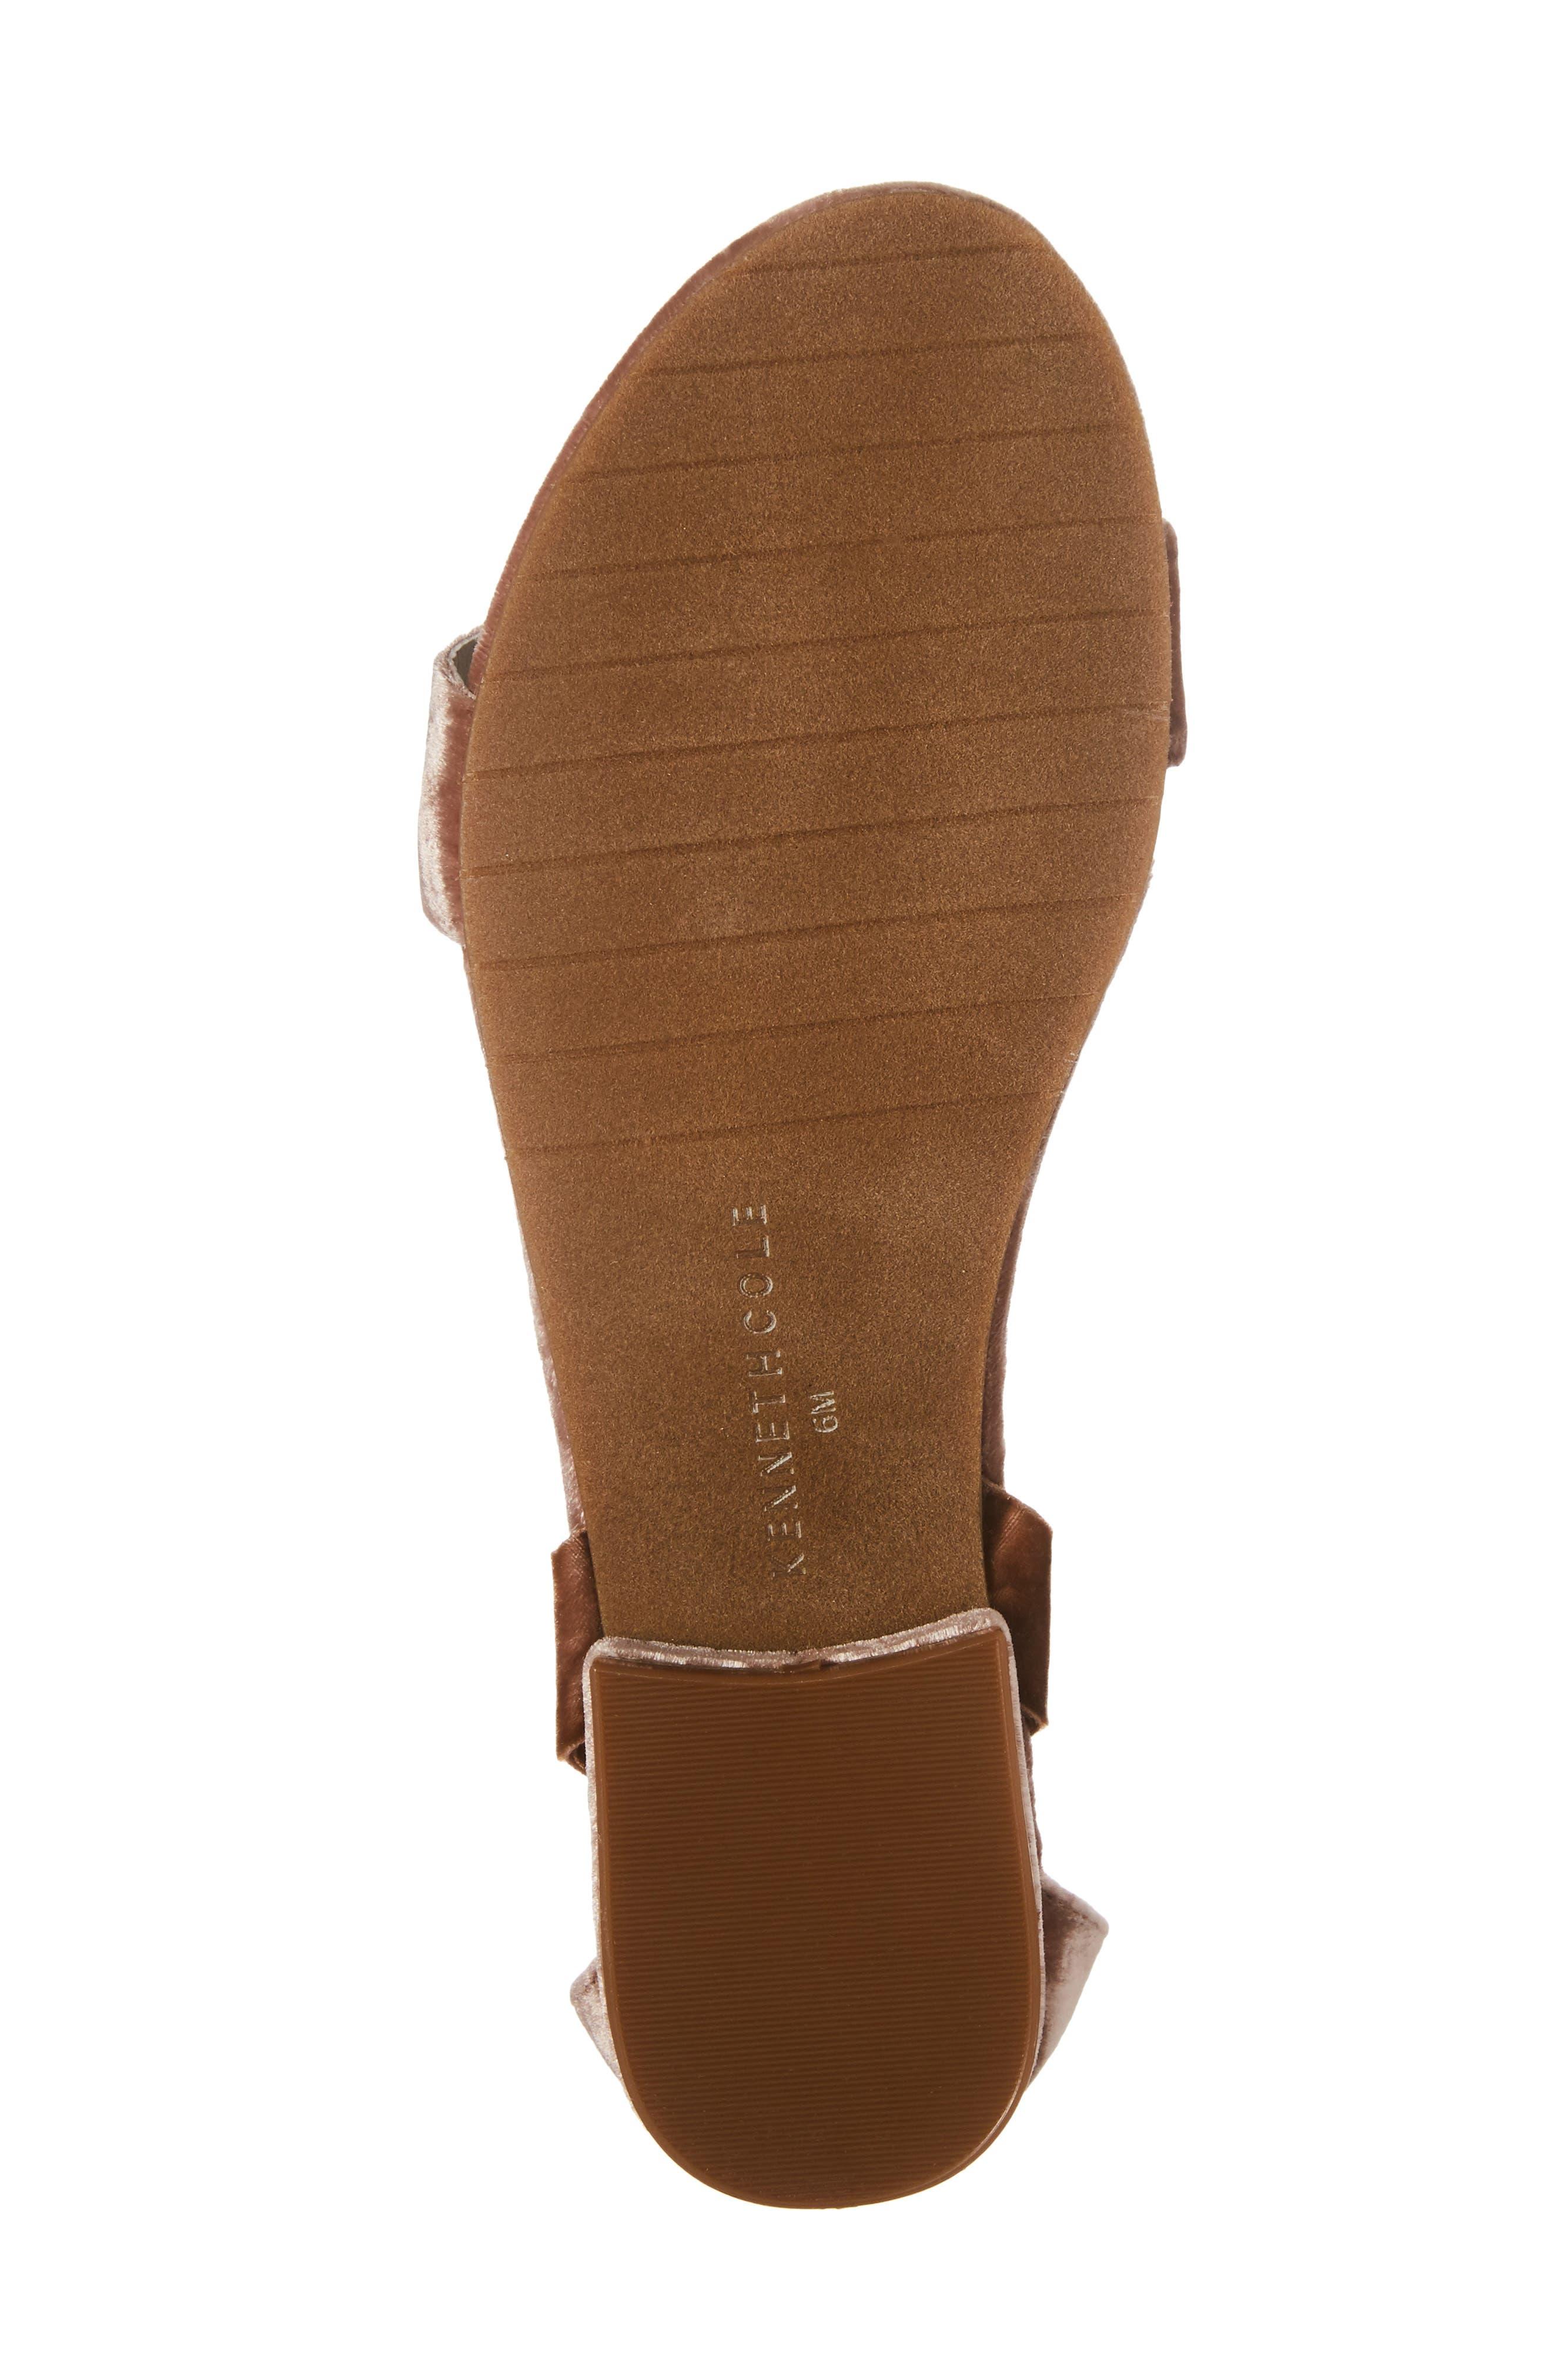 Valen Tassel Lace-Up Sandal,                             Alternate thumbnail 6, color,                             Blush Velvet